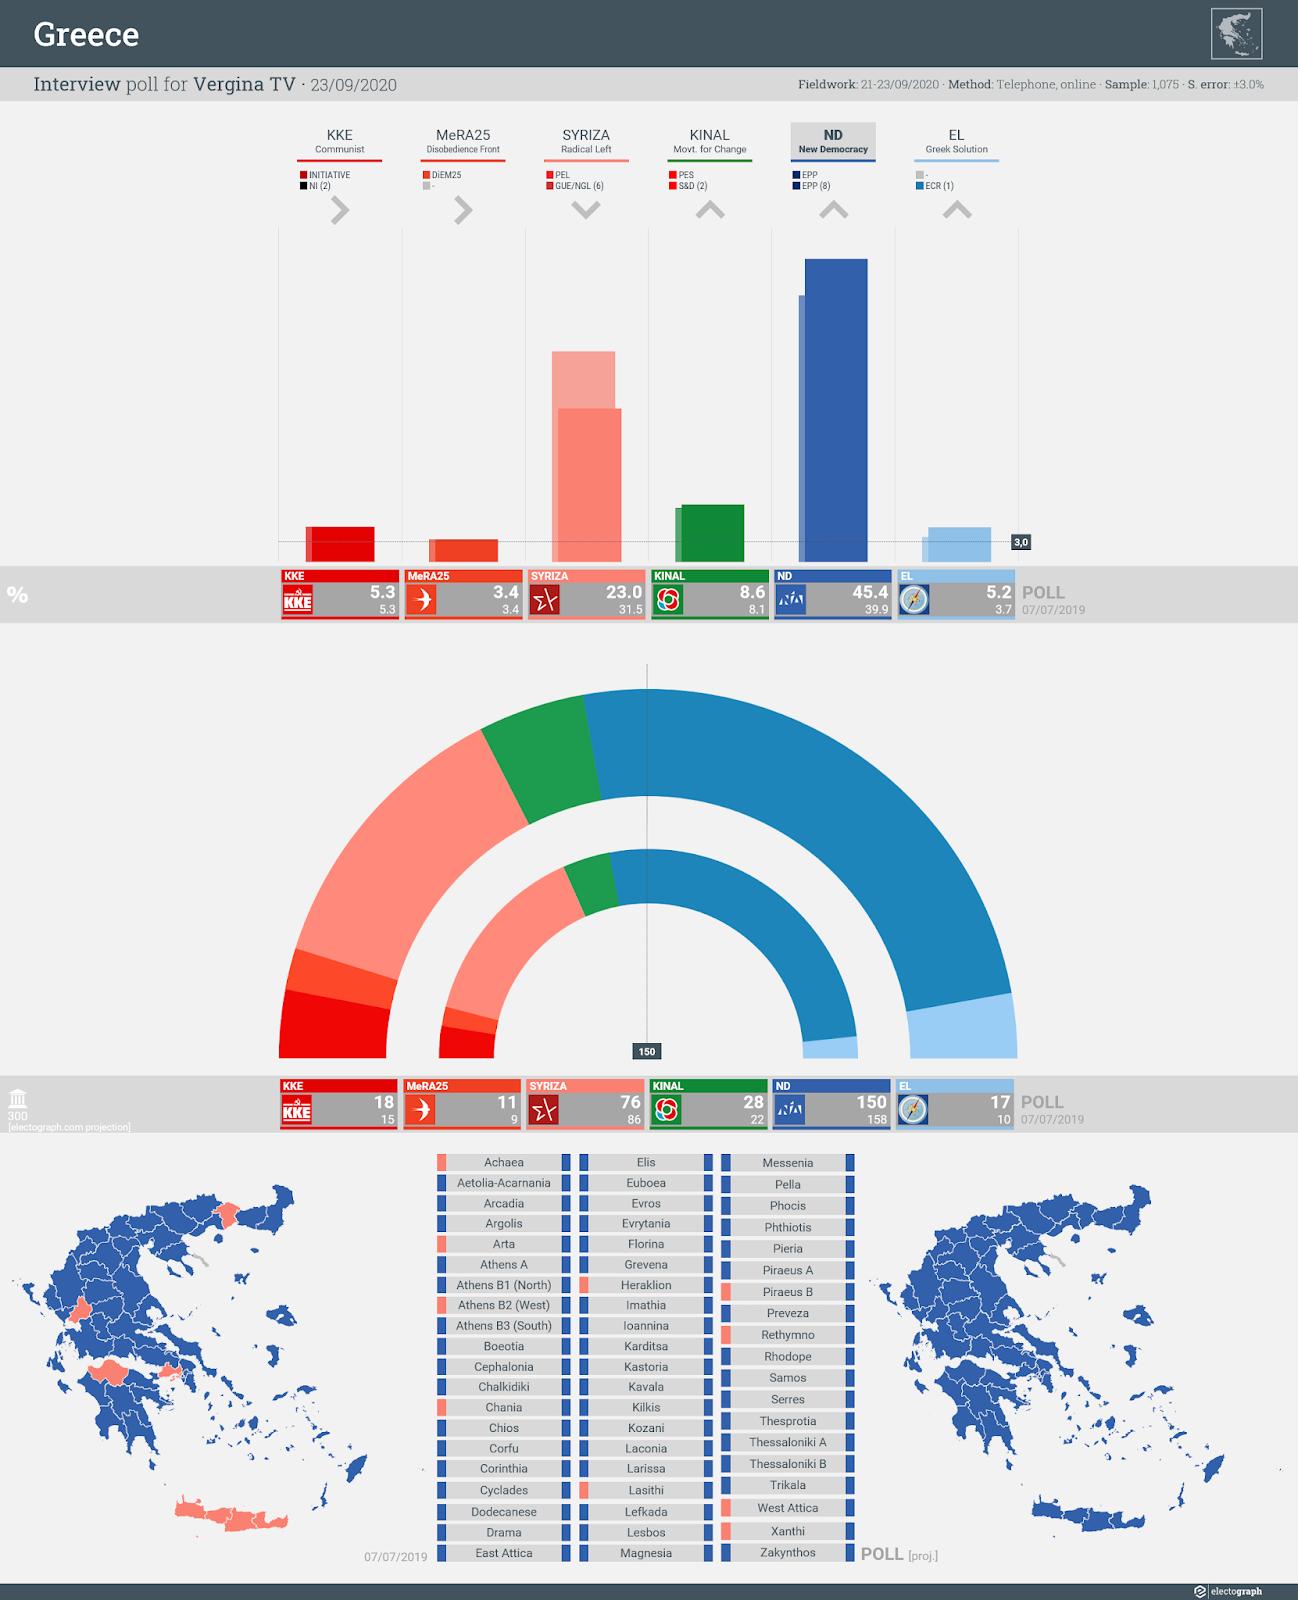 GREECE: Interview poll chart for Vergina TV, 23 September 2020